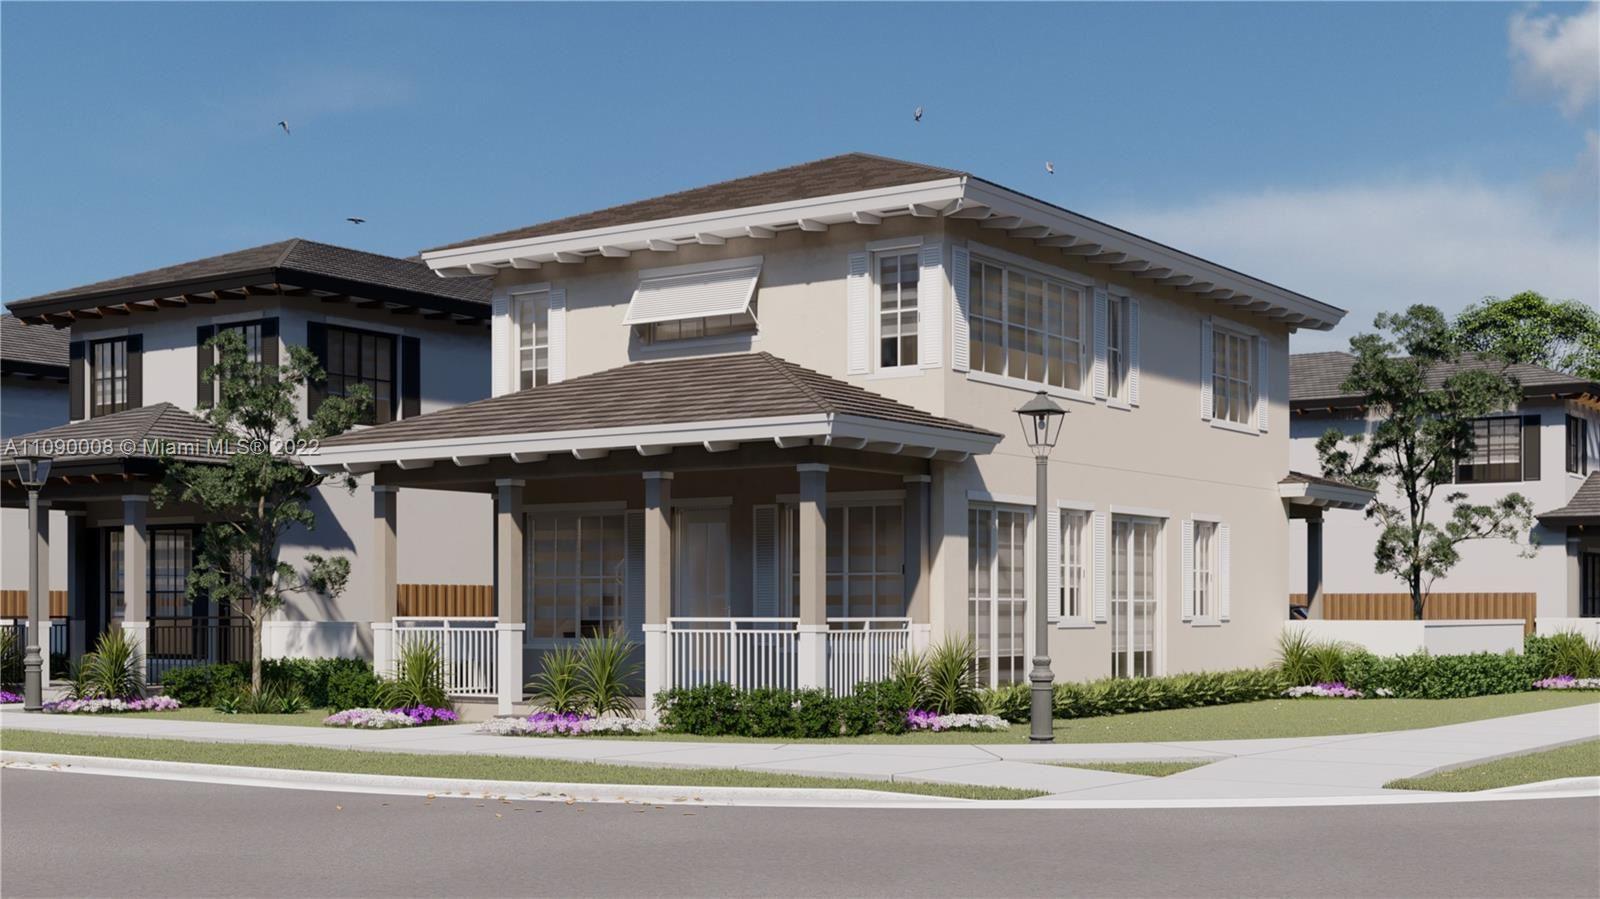 18002 SW 103 Avenue, Miami, FL 33157 - #: A11090008